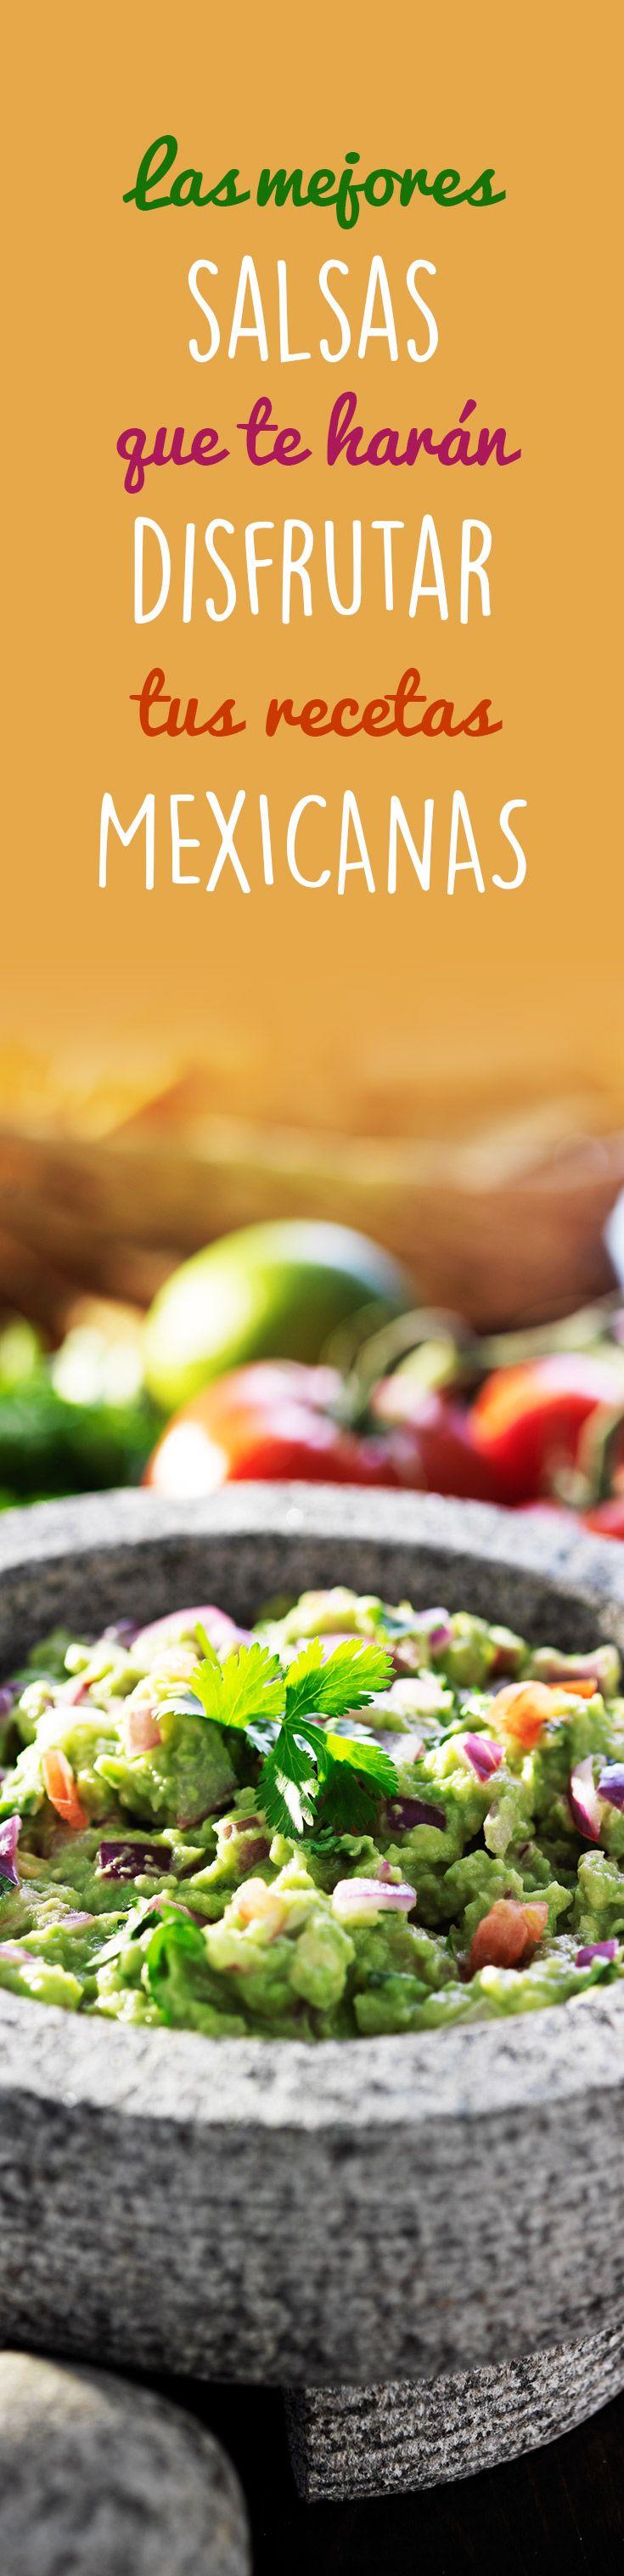 Deliciosas recetas de salsas, complementa tu comida con una deliciosa salsa.